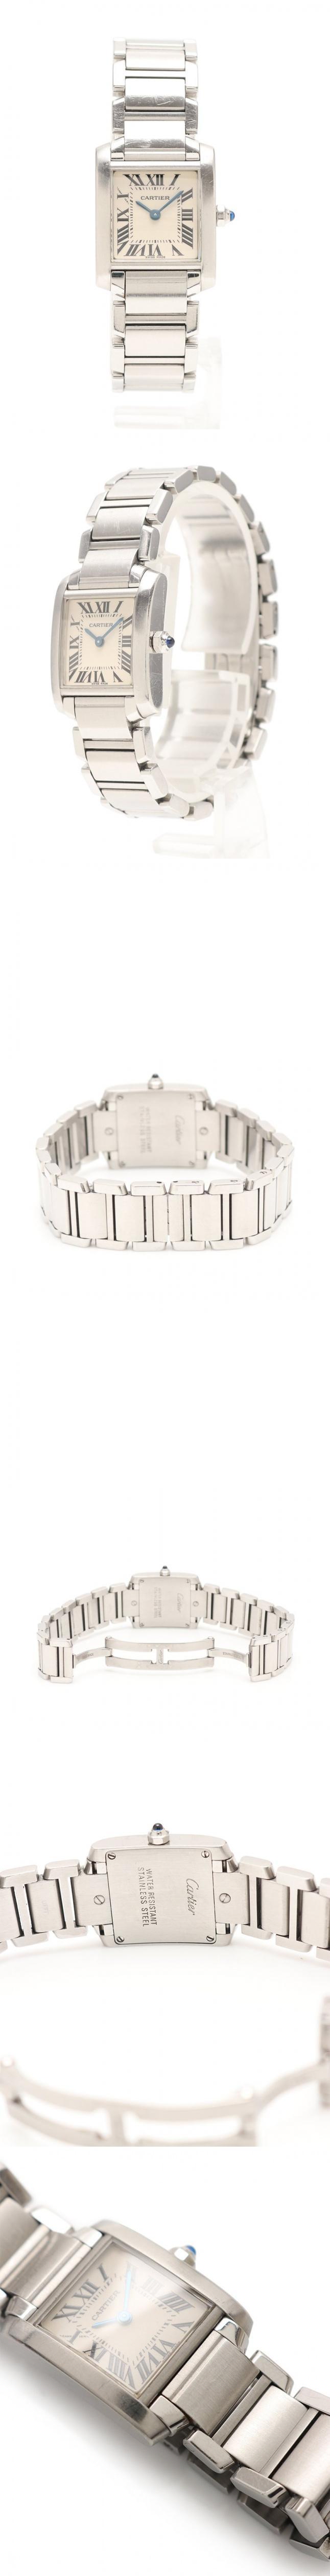 腕時計 クオーツ タンクフランセーズ SM レディース シルバー W51008Q3 SS 白文字盤